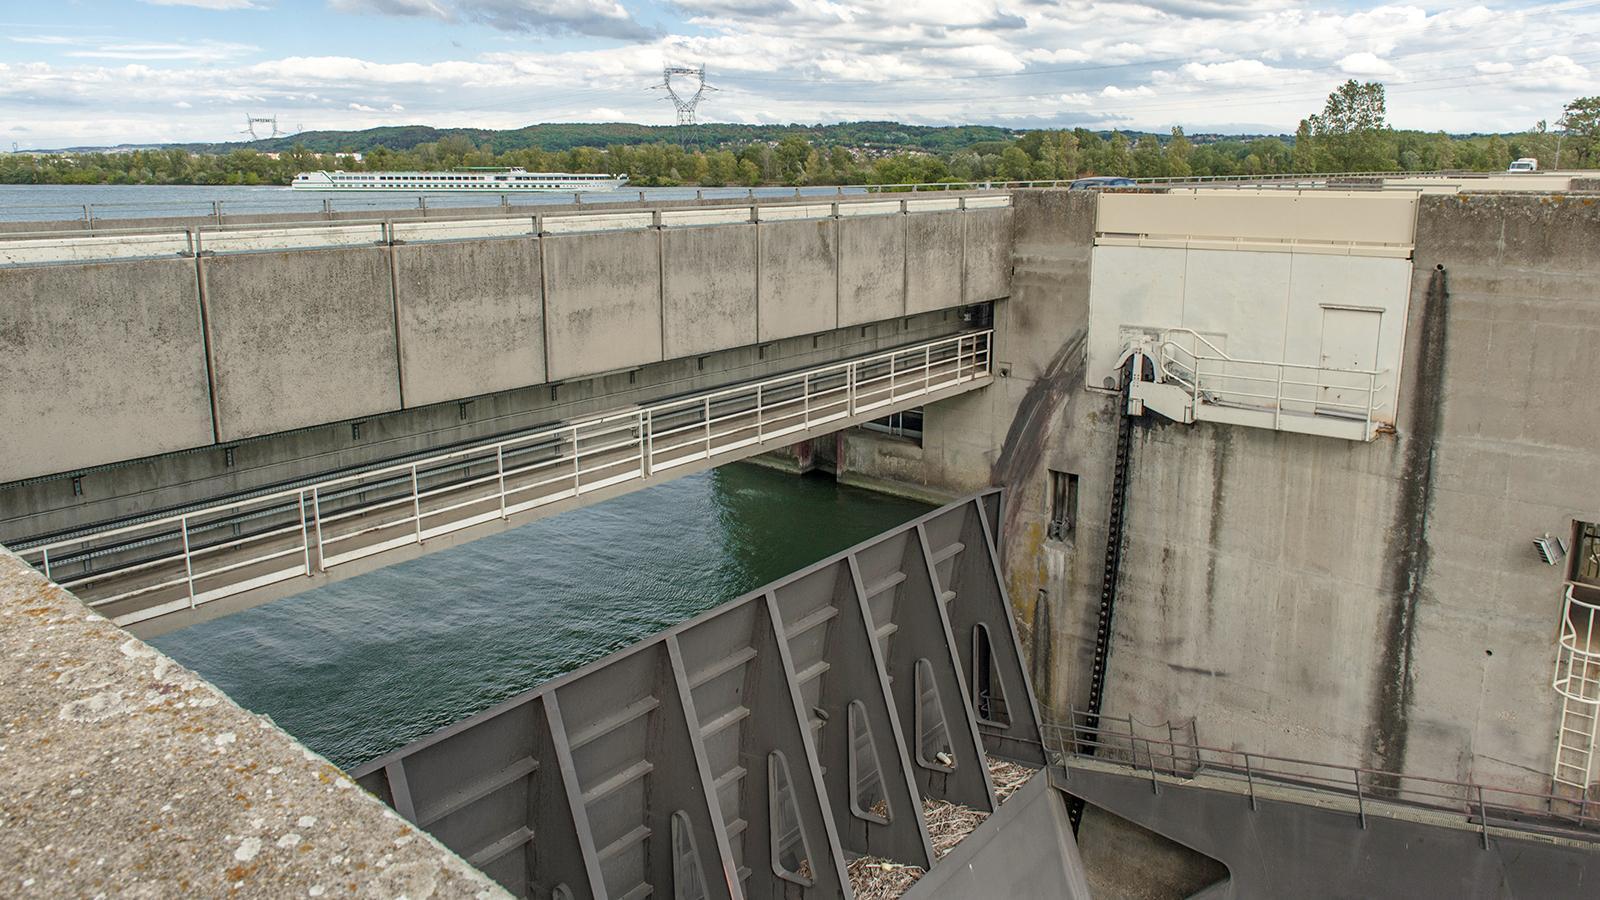 Das Wasserkraftwerk von Saint-Pierre-de-Boeuf. Foto: Hilke Maunder